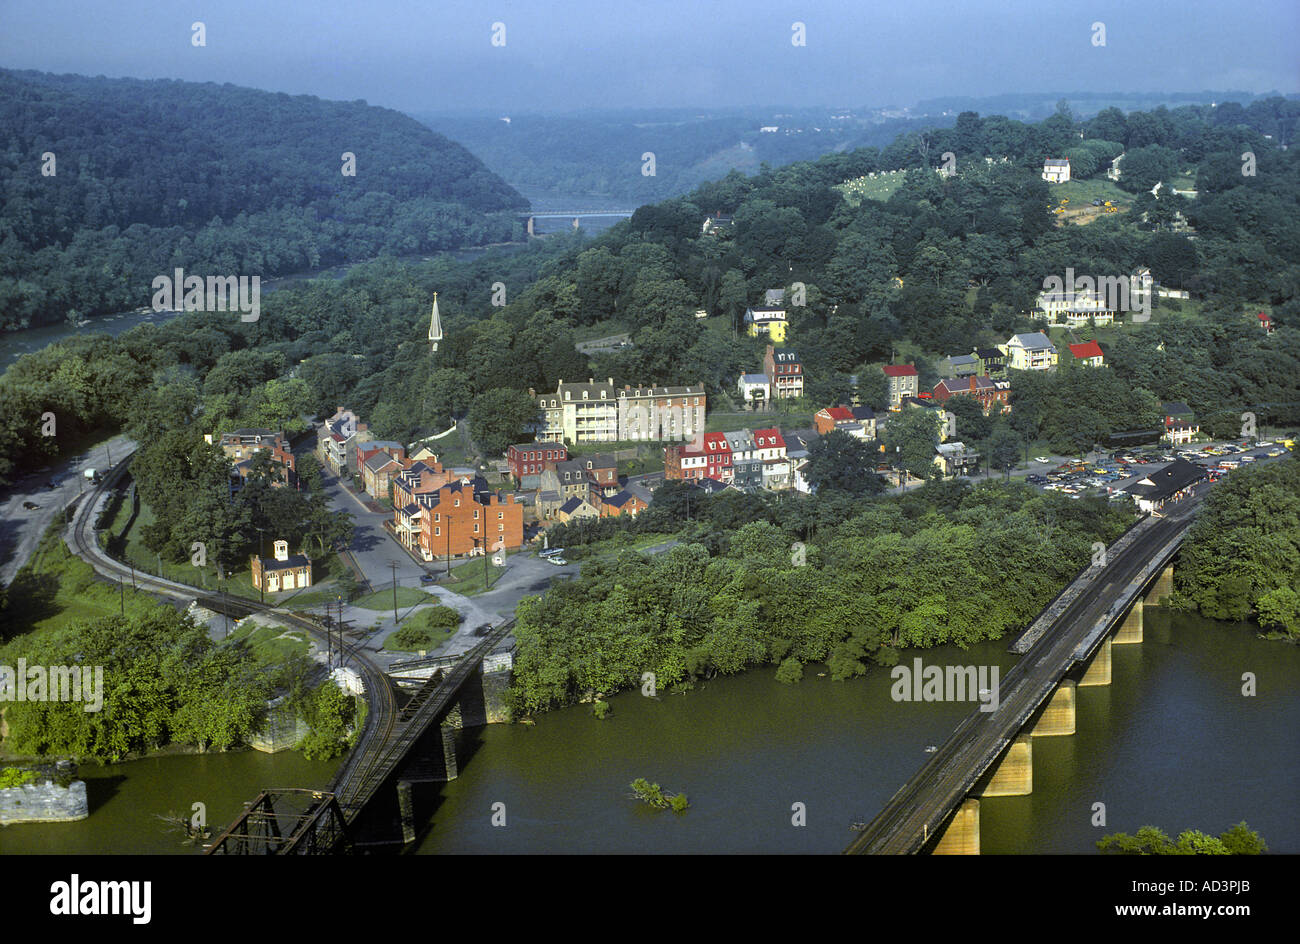 Parc historique national Harpers Ferry en Virginie de l'ouest de la Confluence des rivières Potomac et de la Shenandoah Photo Stock